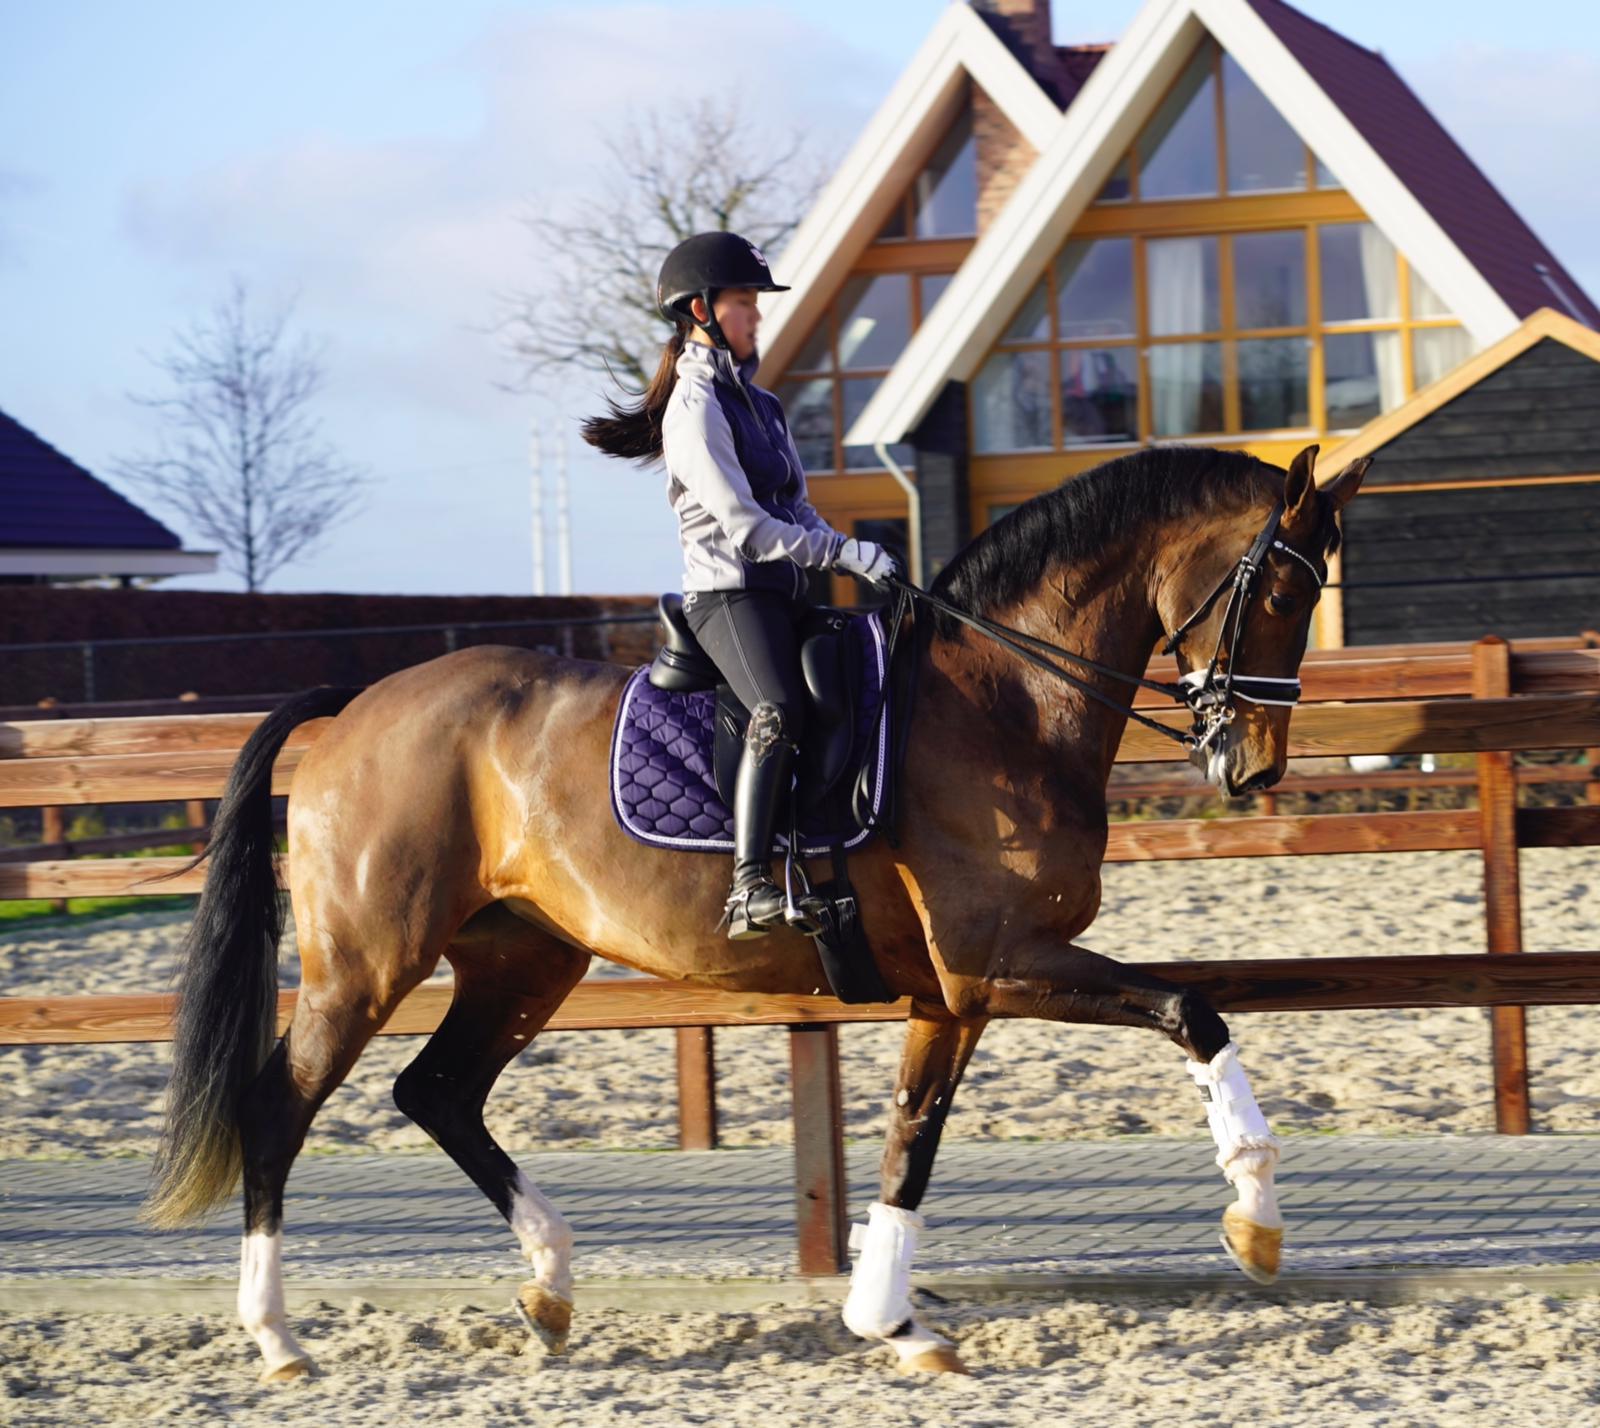 Shanna Baars en Farzana met PR naar eerste internationale zege - Horses.nl - Horses.nl